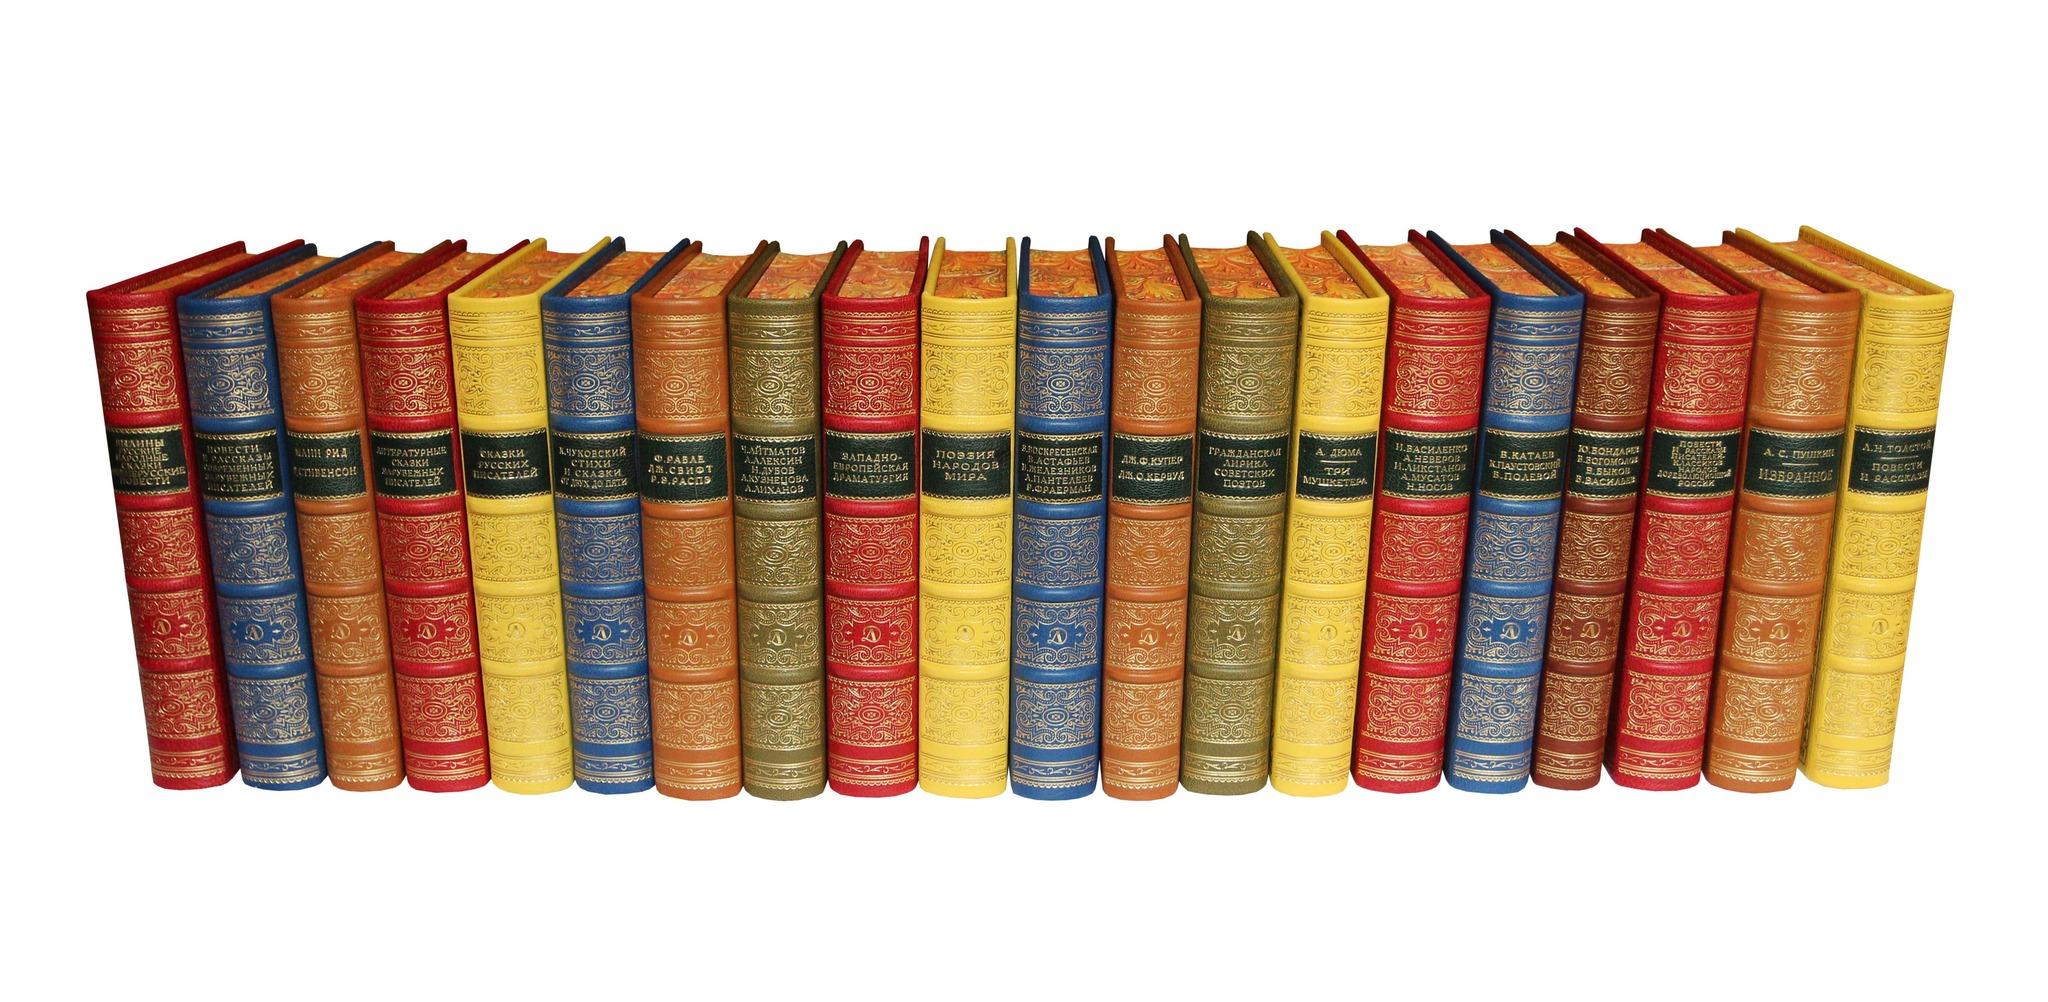 Библиотека мировой литературы для детей в 50 томах (58 книг)